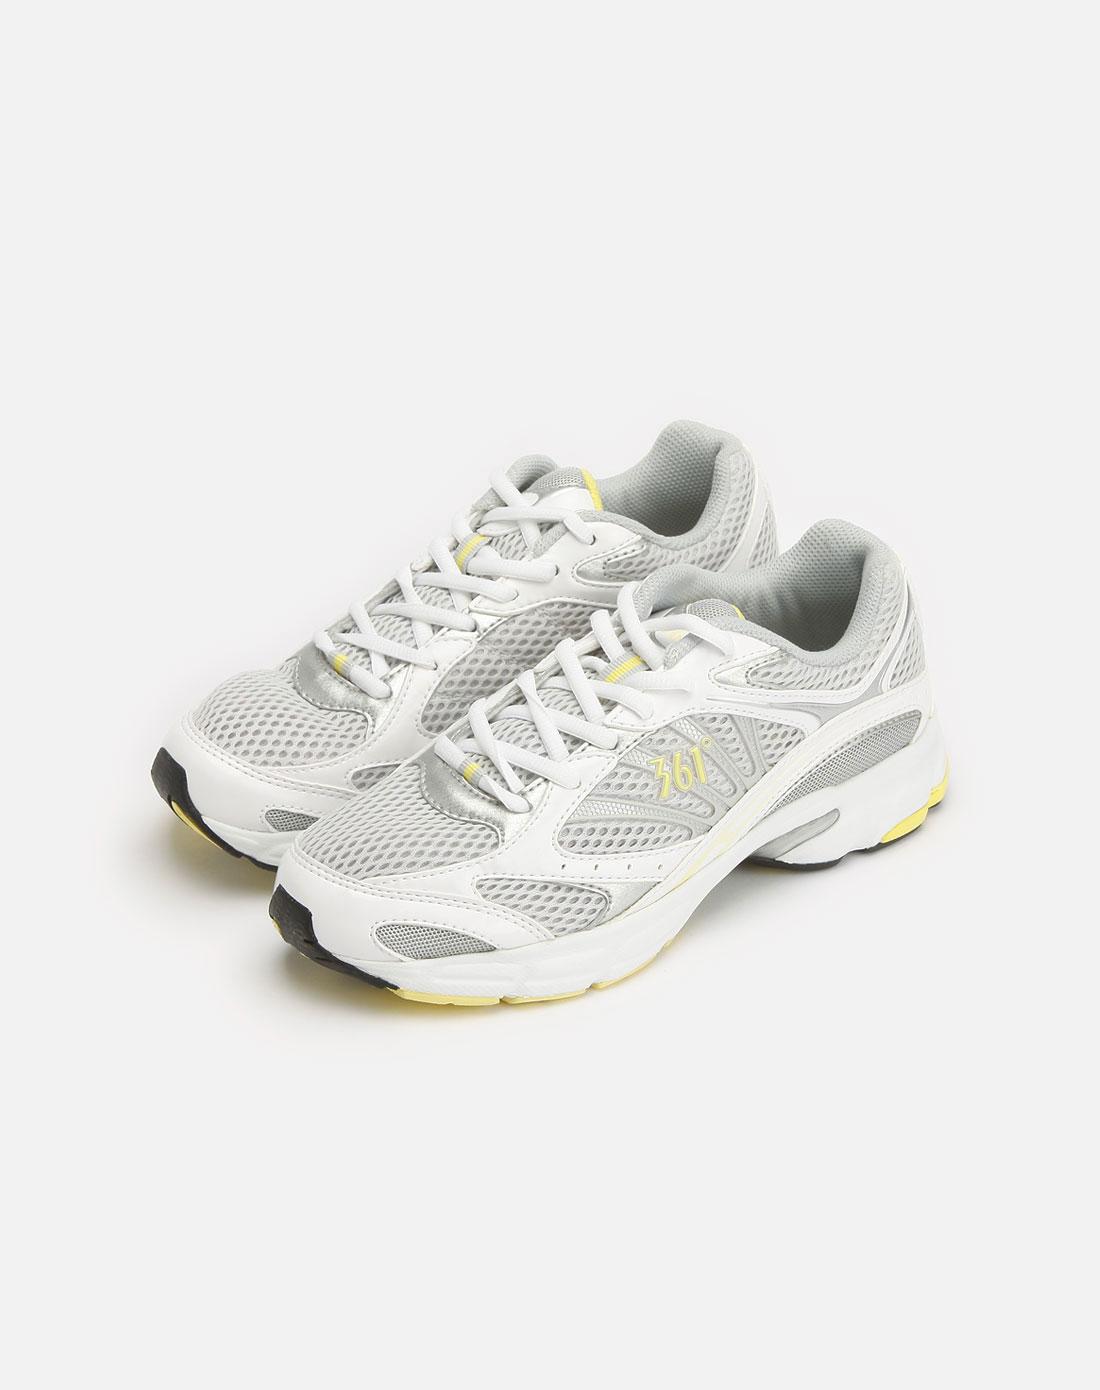 361°浅灰/黄色透气跑鞋